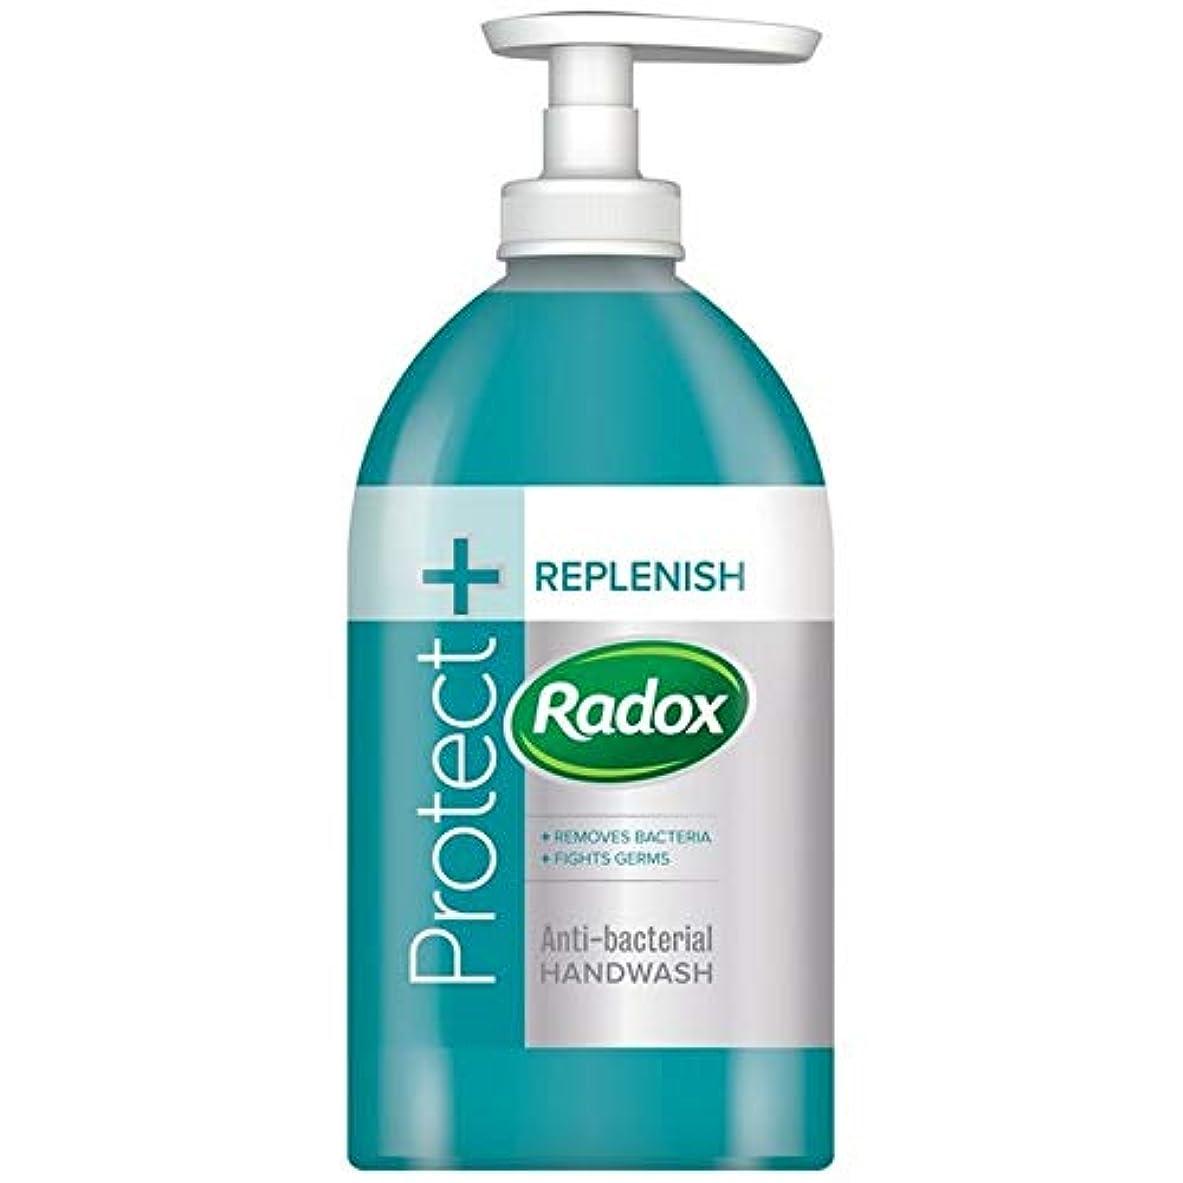 スティック花嫁無し[Radox] Radox抗菌剤および補充手洗いの500ミリリットル - Radox Antibacterial and Replenishing Handwash 500ml [並行輸入品]